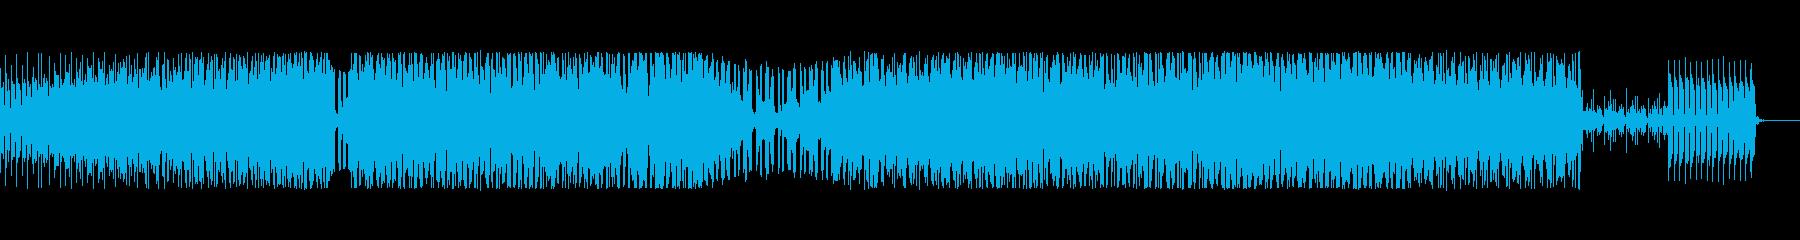 前進感のある軽快なテクノの再生済みの波形